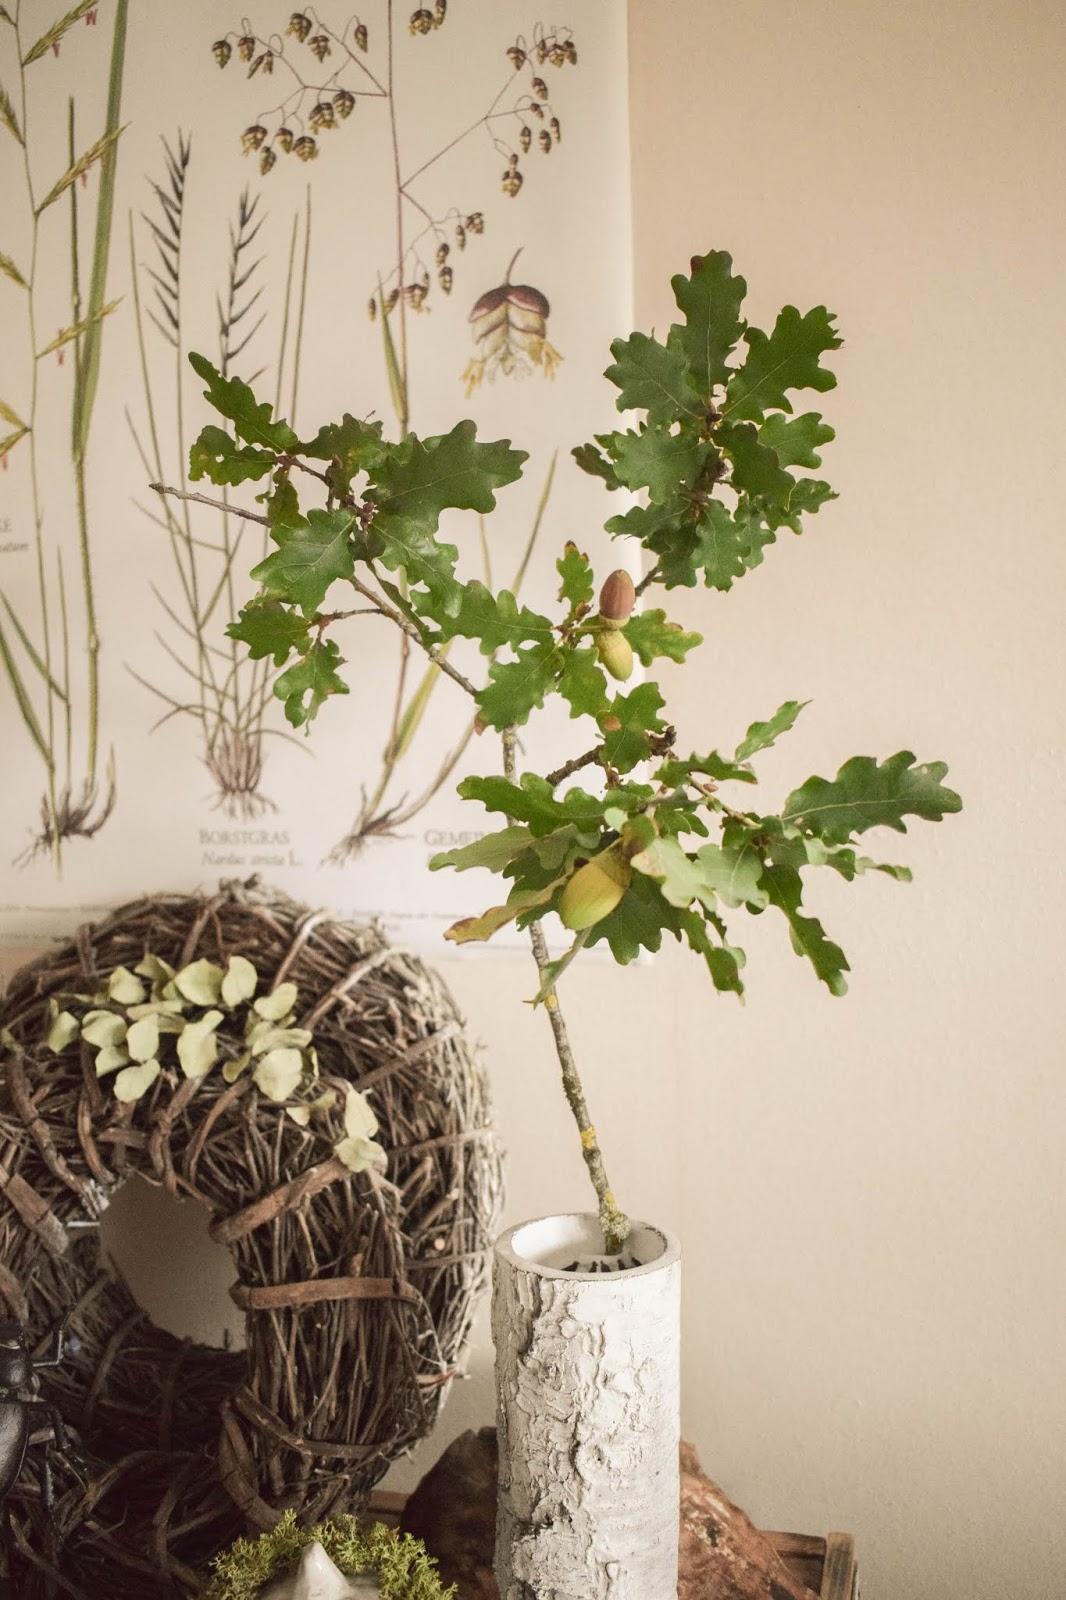 Deko Herbst für Konsole und Sideboard mit Eicheln. Herbstdeko Dekoidee Wohnzimmer Dekoration eiche eicheln botanisch natuerlich dekorieren 3